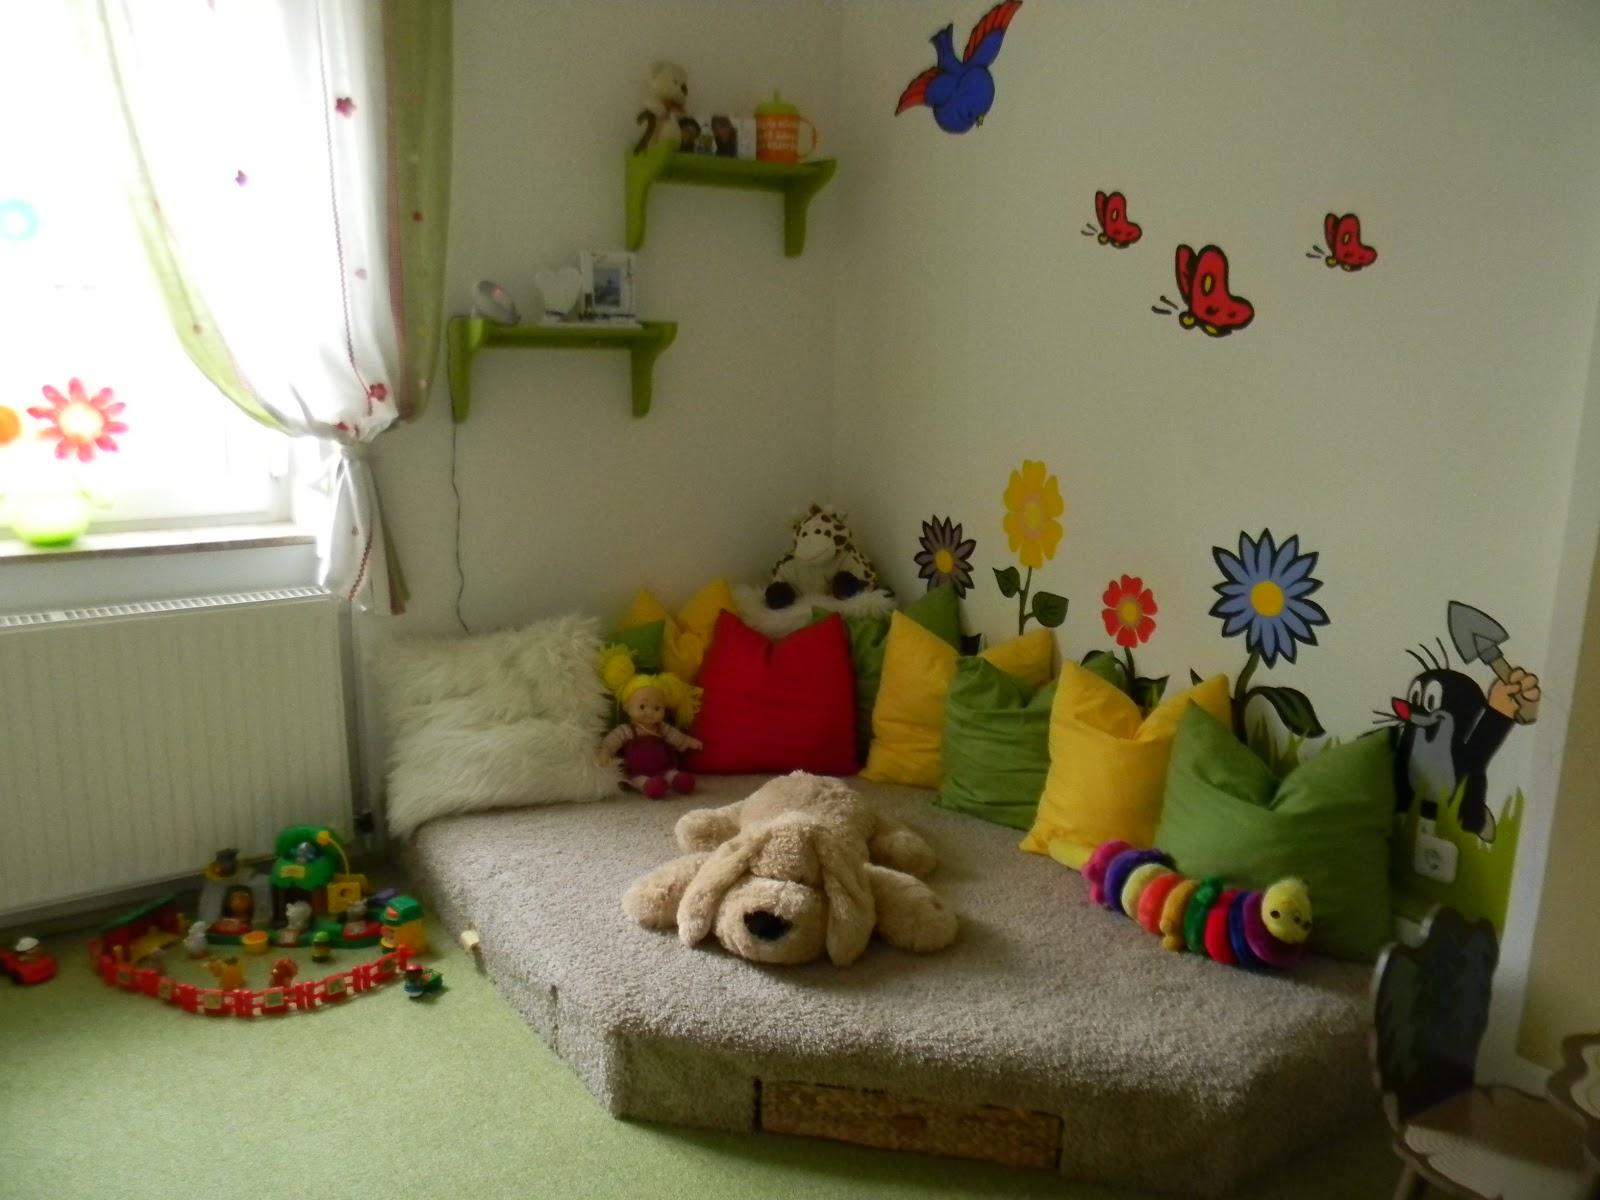 wo polster kaufen f r kuschelecke rehakids das forum f r besondere kinder das forum f r. Black Bedroom Furniture Sets. Home Design Ideas